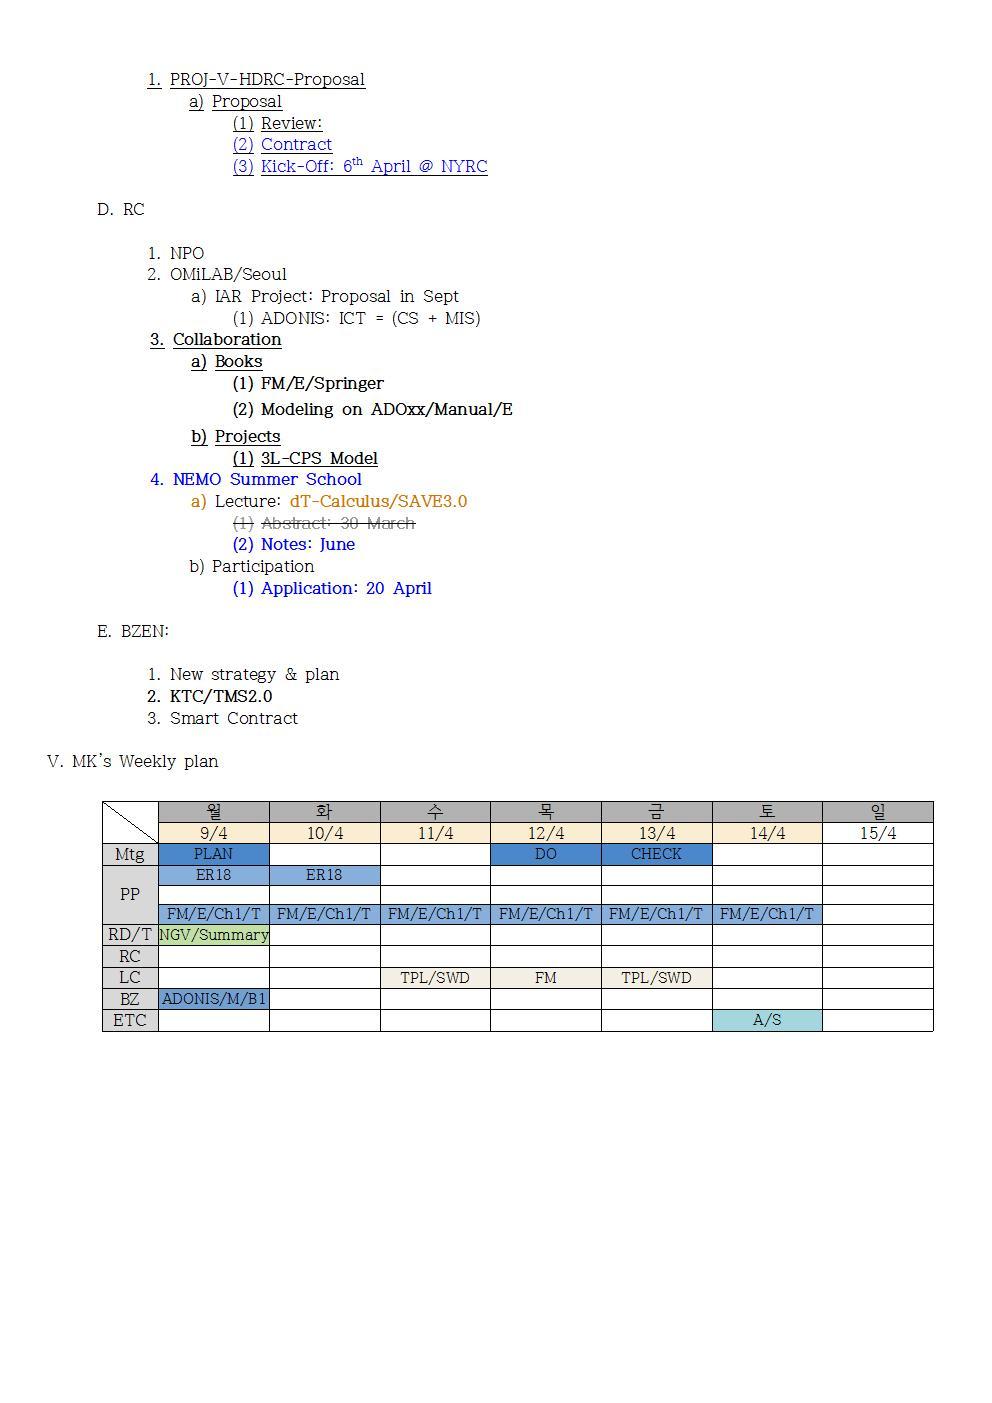 1-Mon-2018-04-09-PLAN-MK-Agenda002.jpg